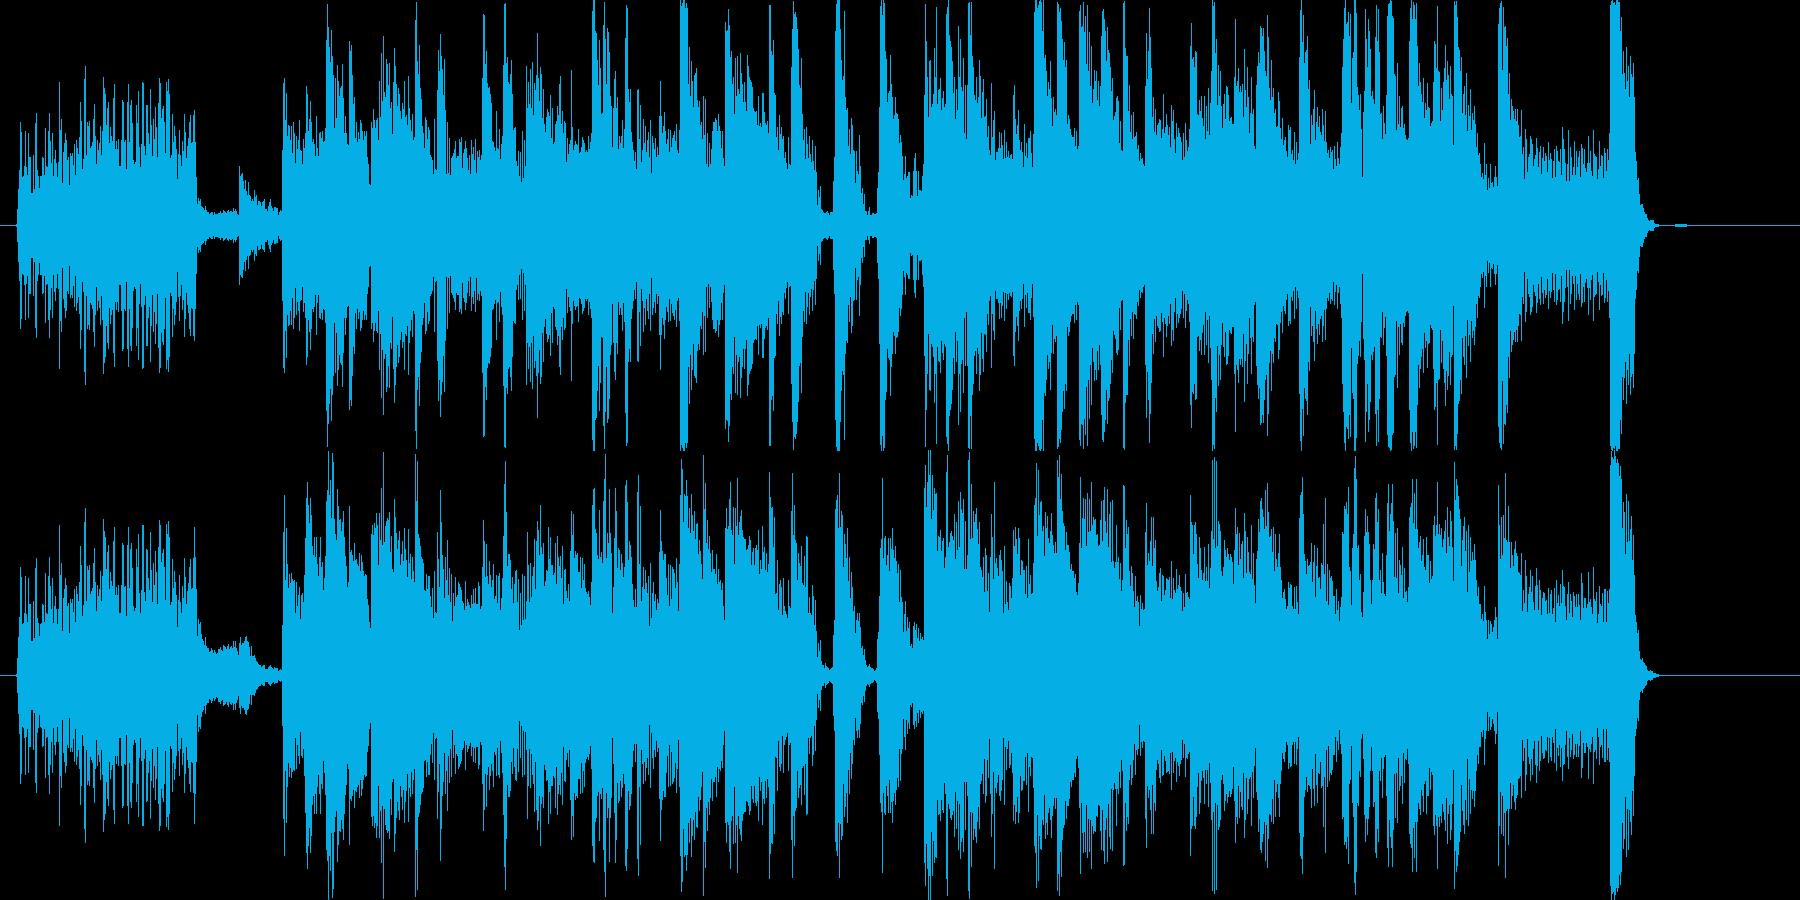 アニメのシーンチェンジ(場面転換)を想…の再生済みの波形